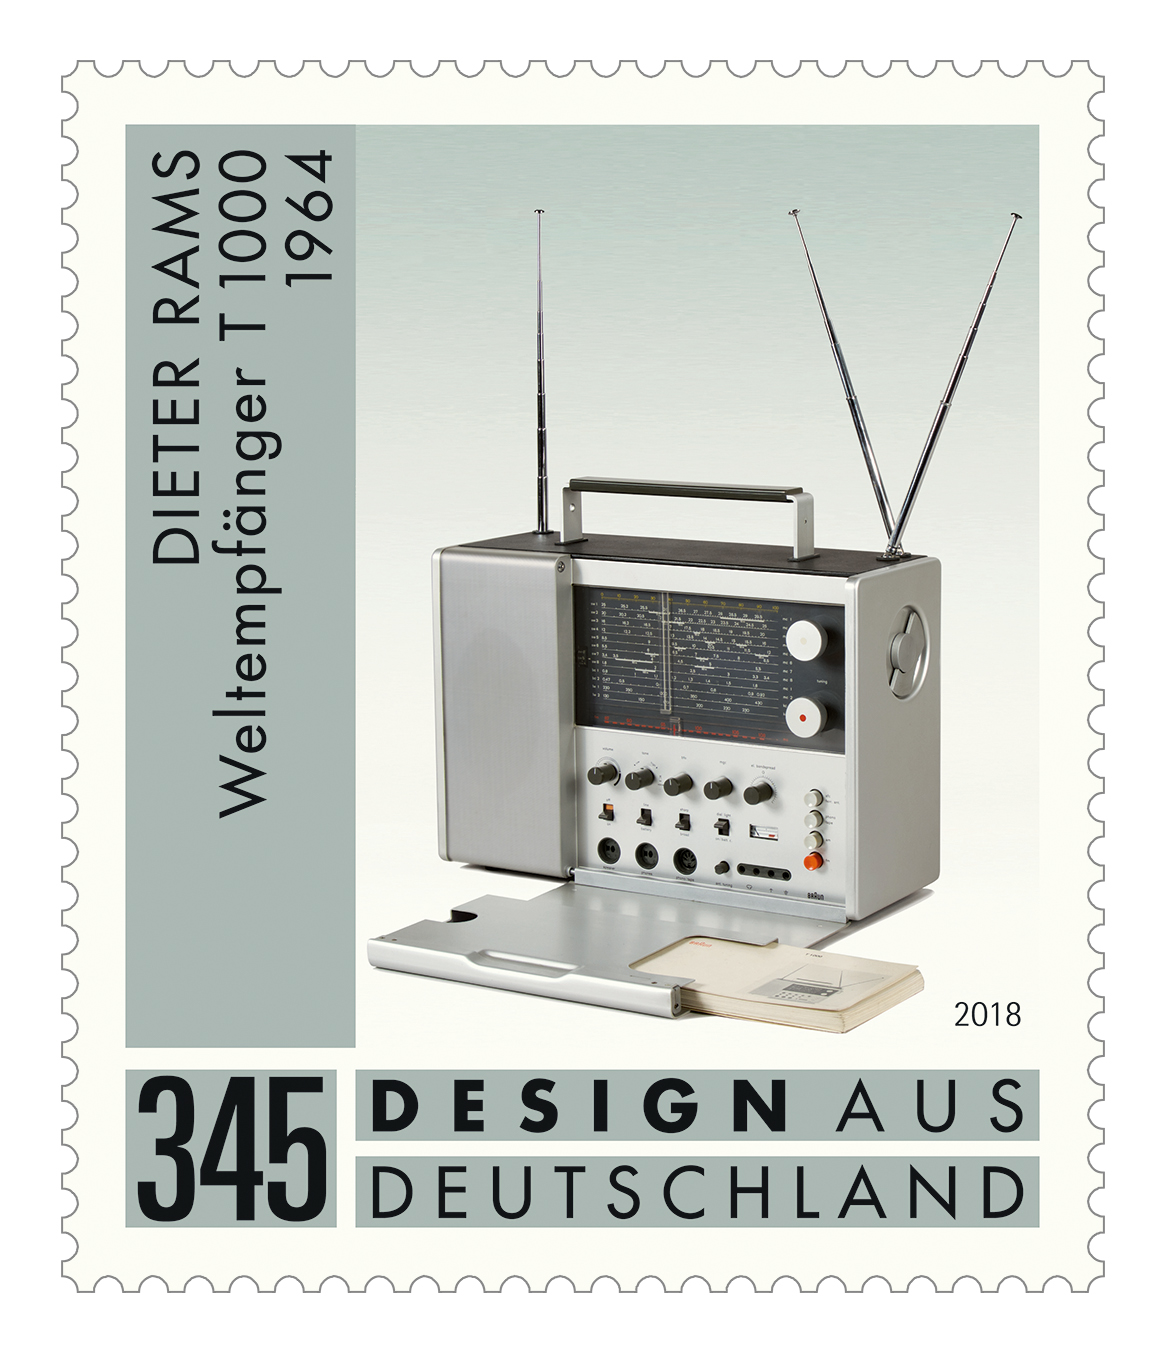 Bundesfinanzministerium Serie Design Aus Deutschland Dieter Rams